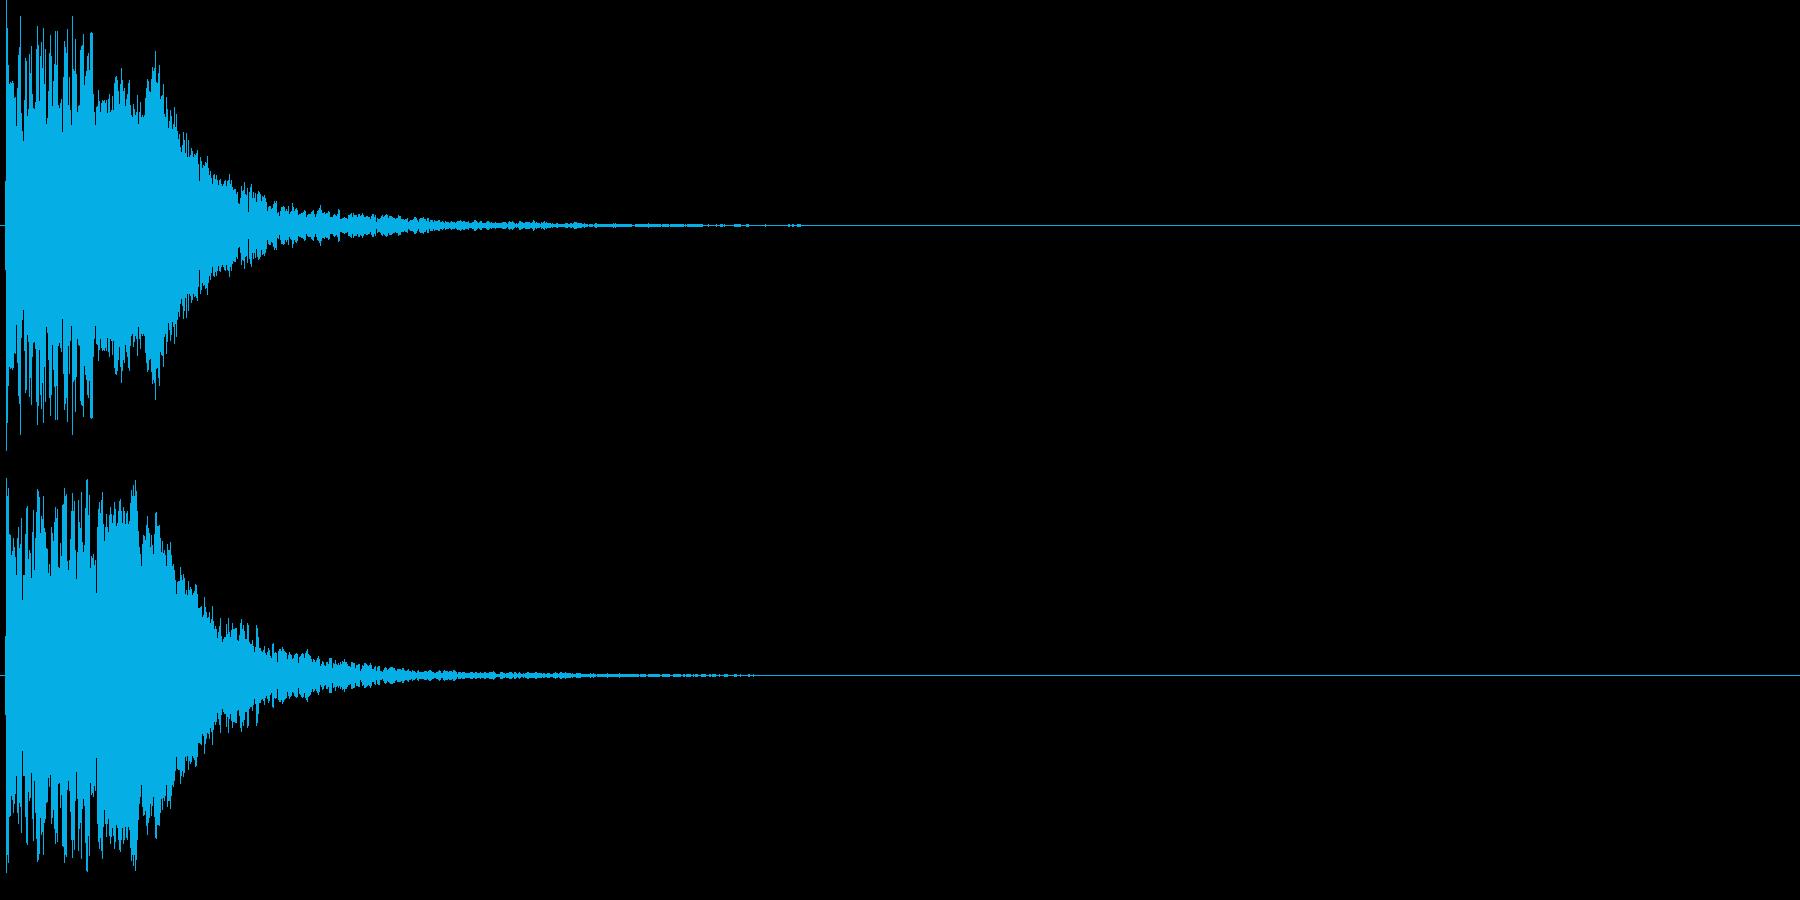 ピュイン(パワーアップ・エネルギー補充)の再生済みの波形